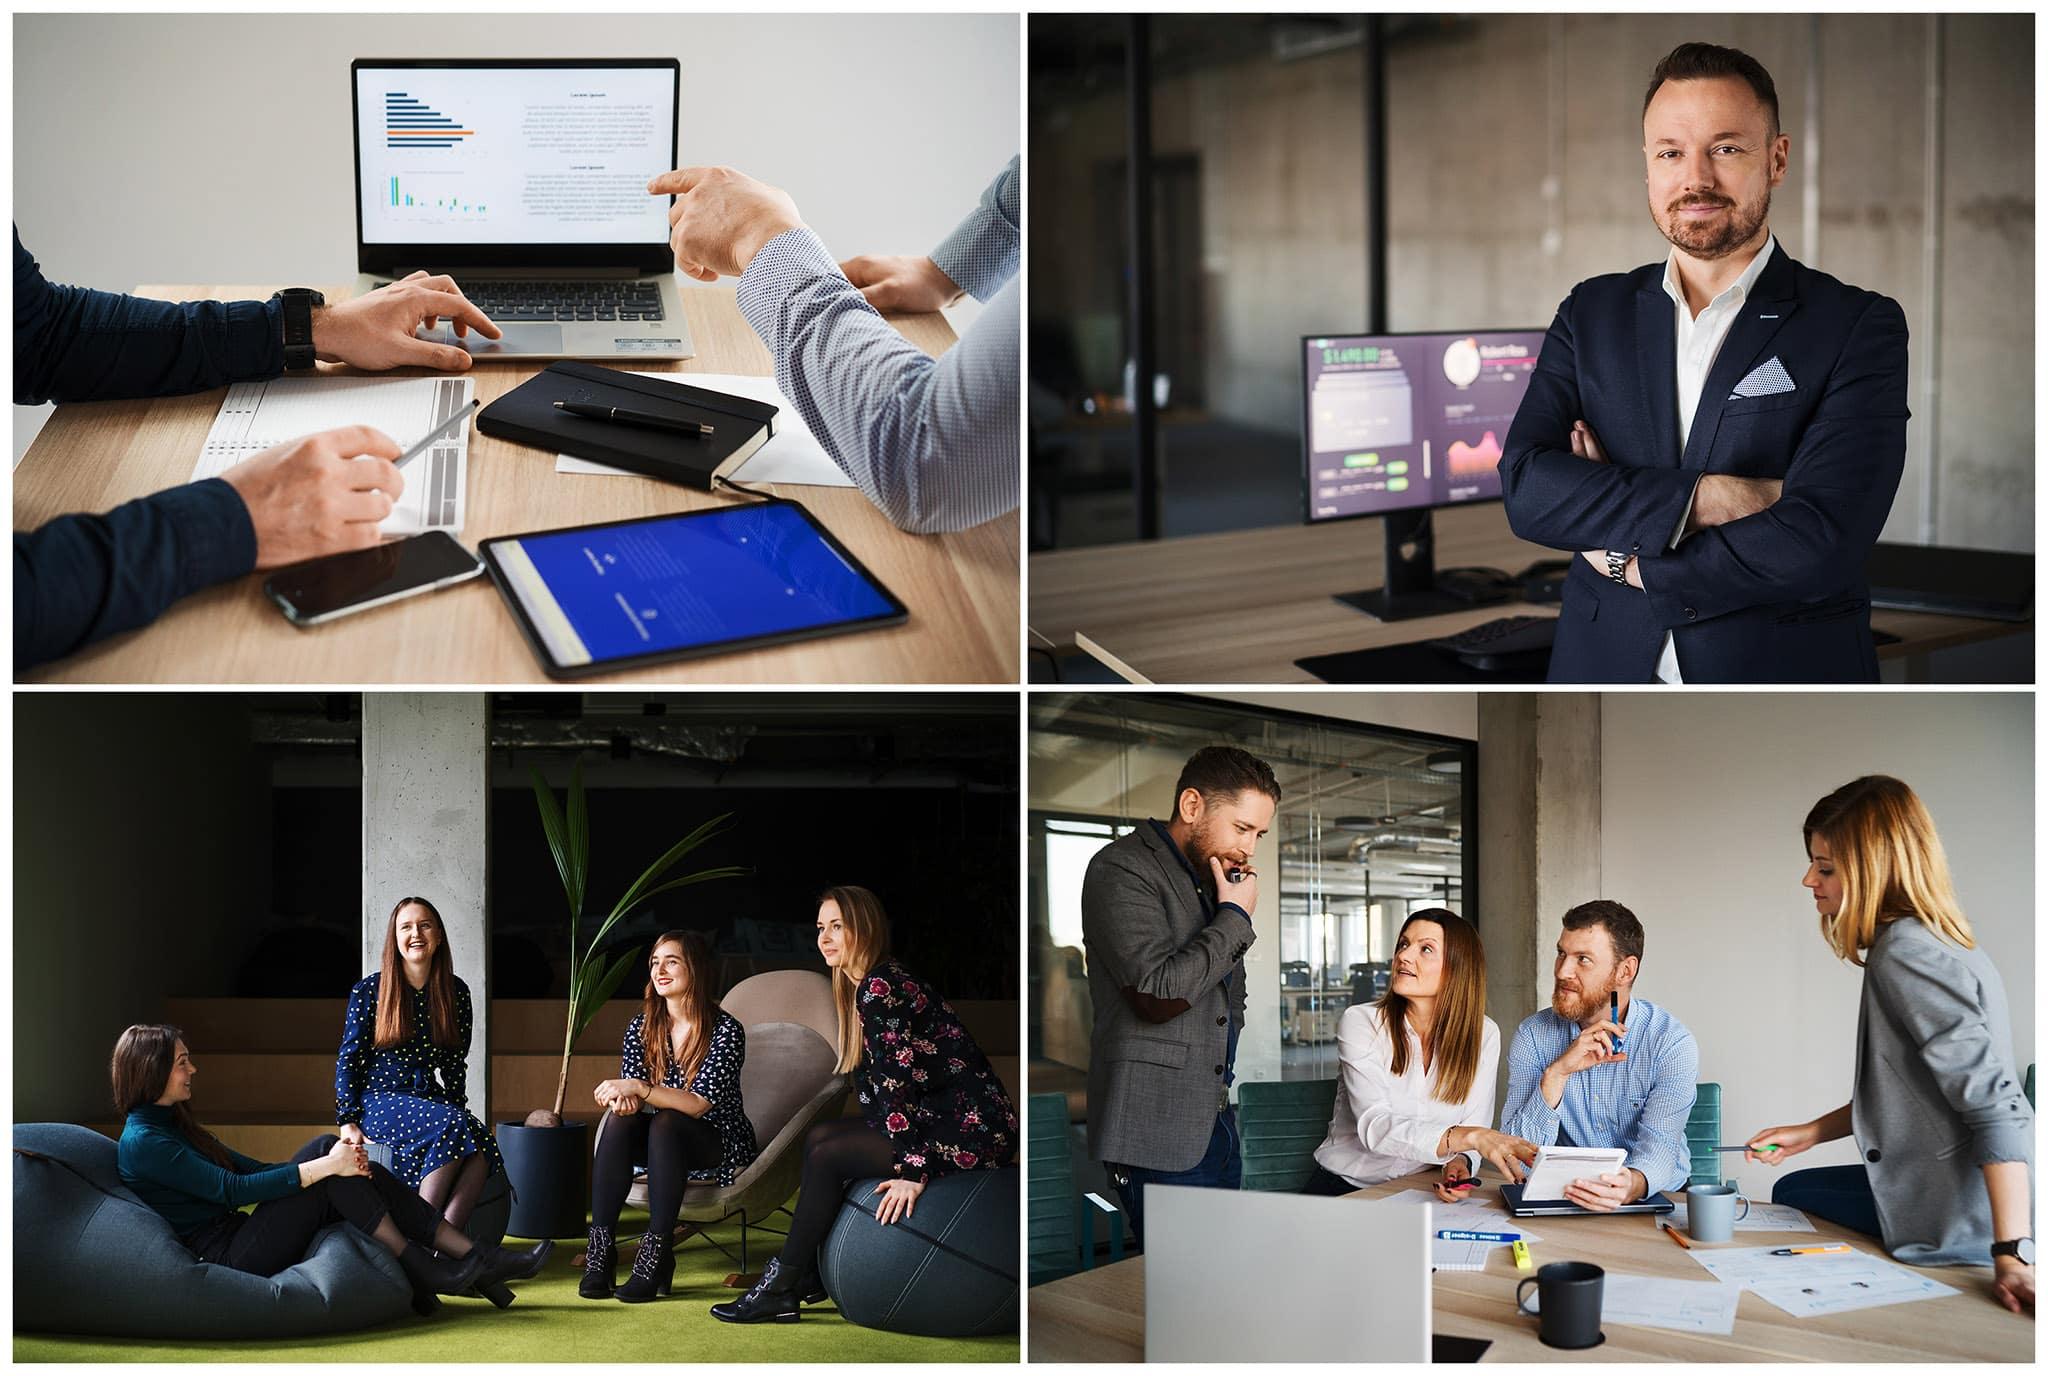 Sesje wizerunkowe dla firmy z branży IT